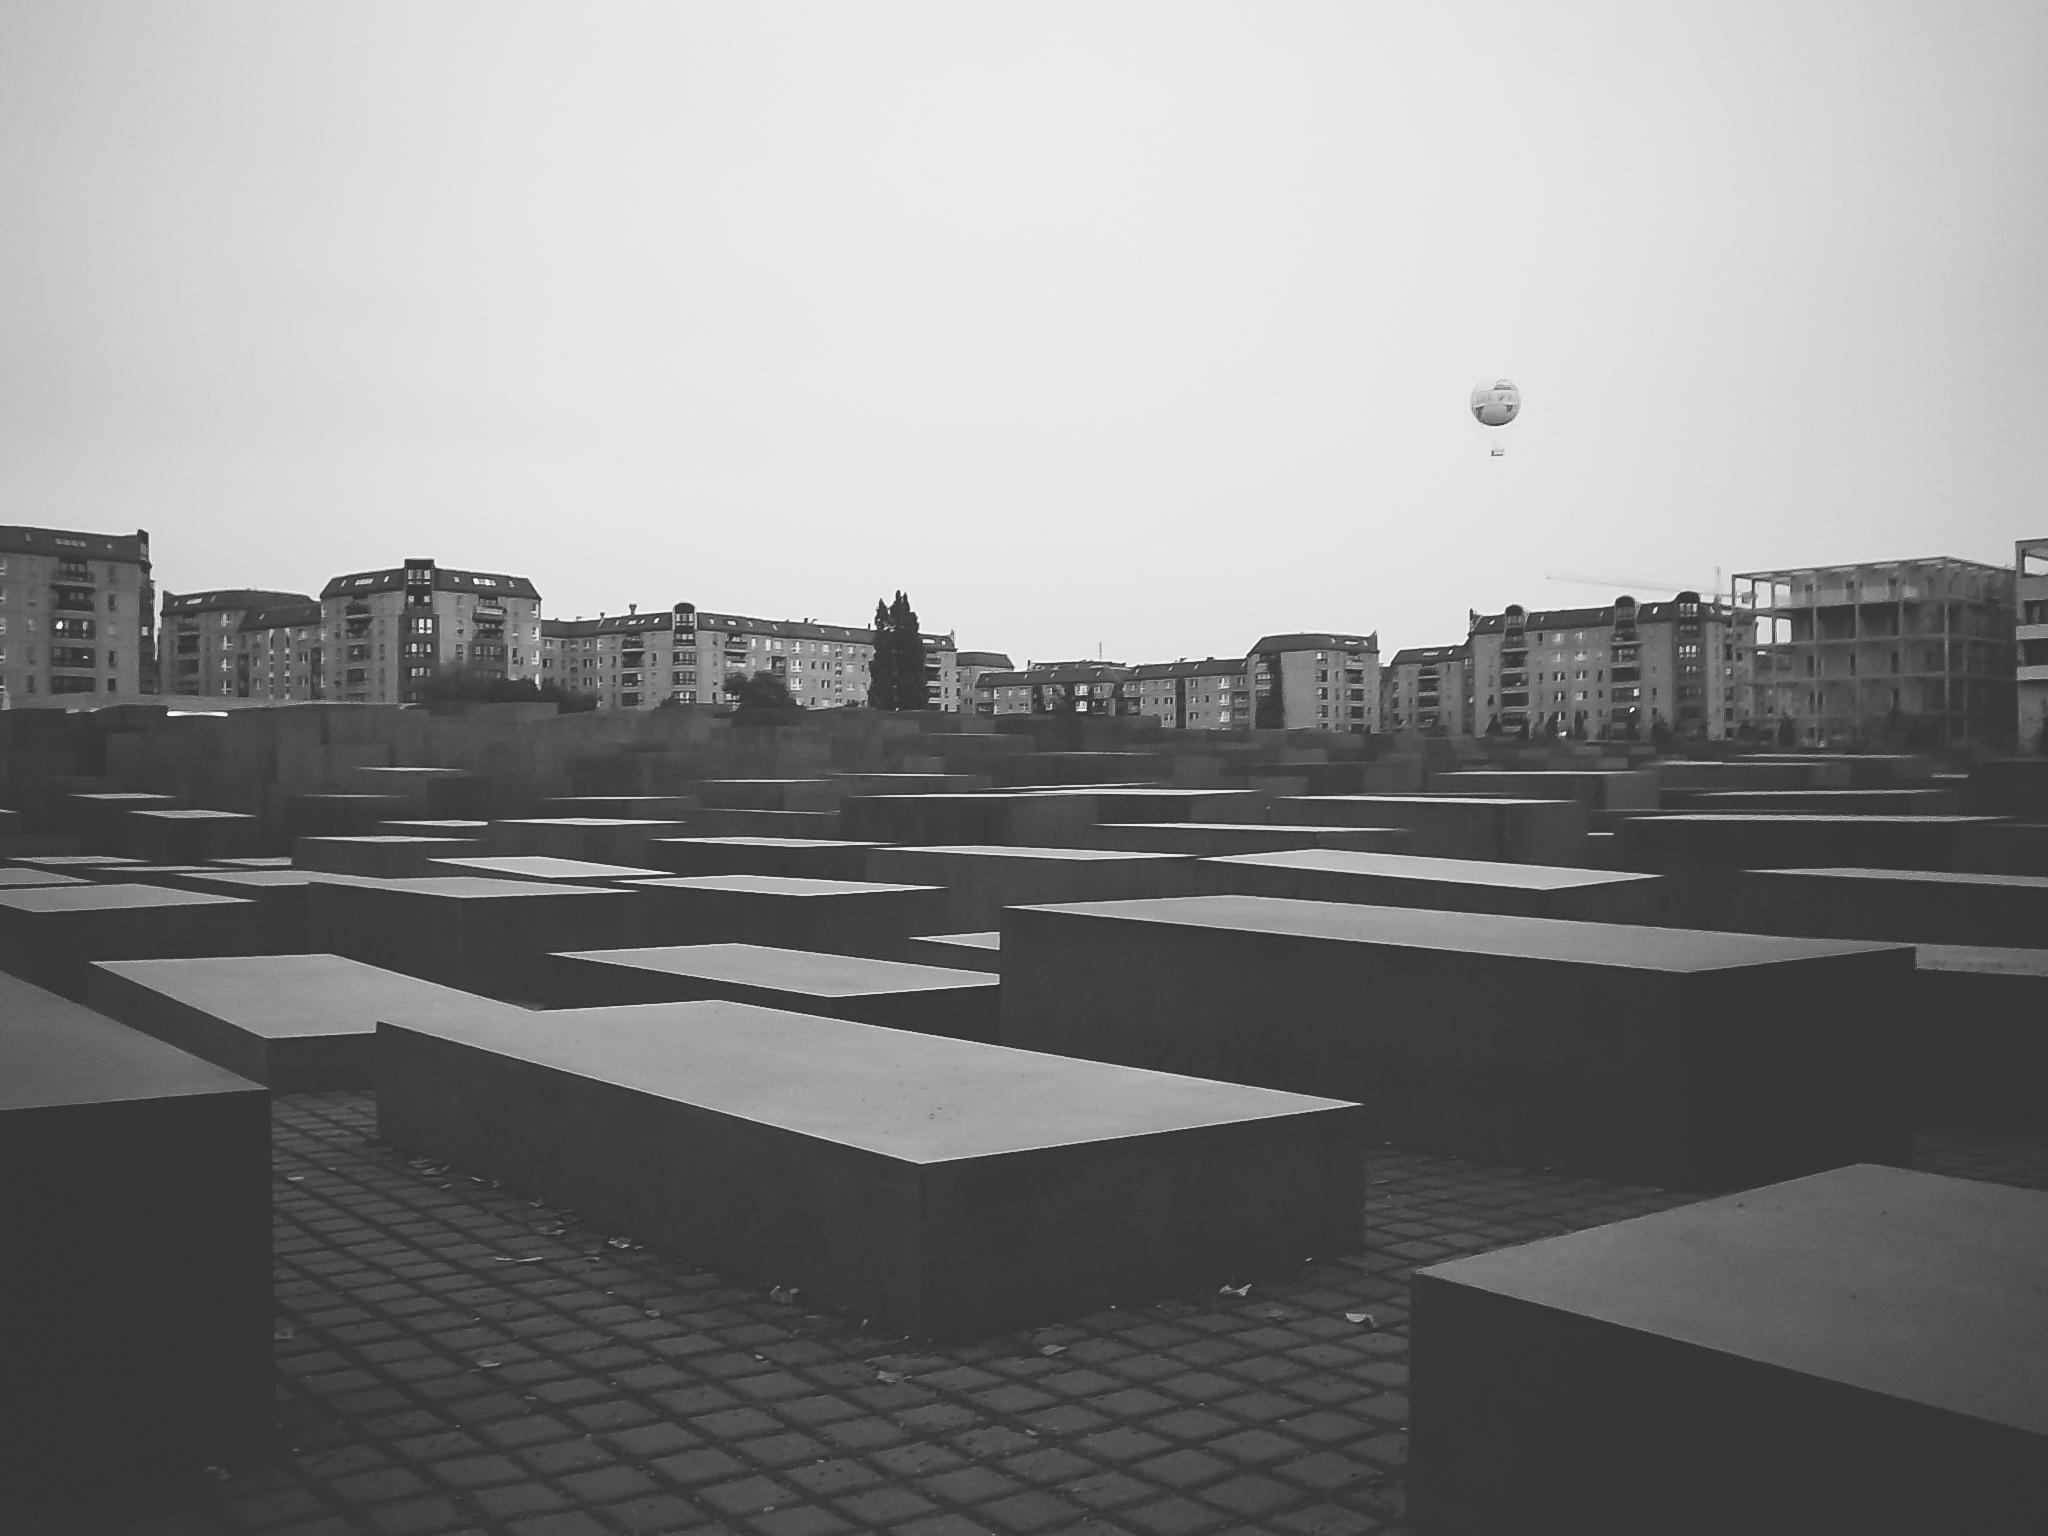 berlin - memorial (1 of 1).jpg